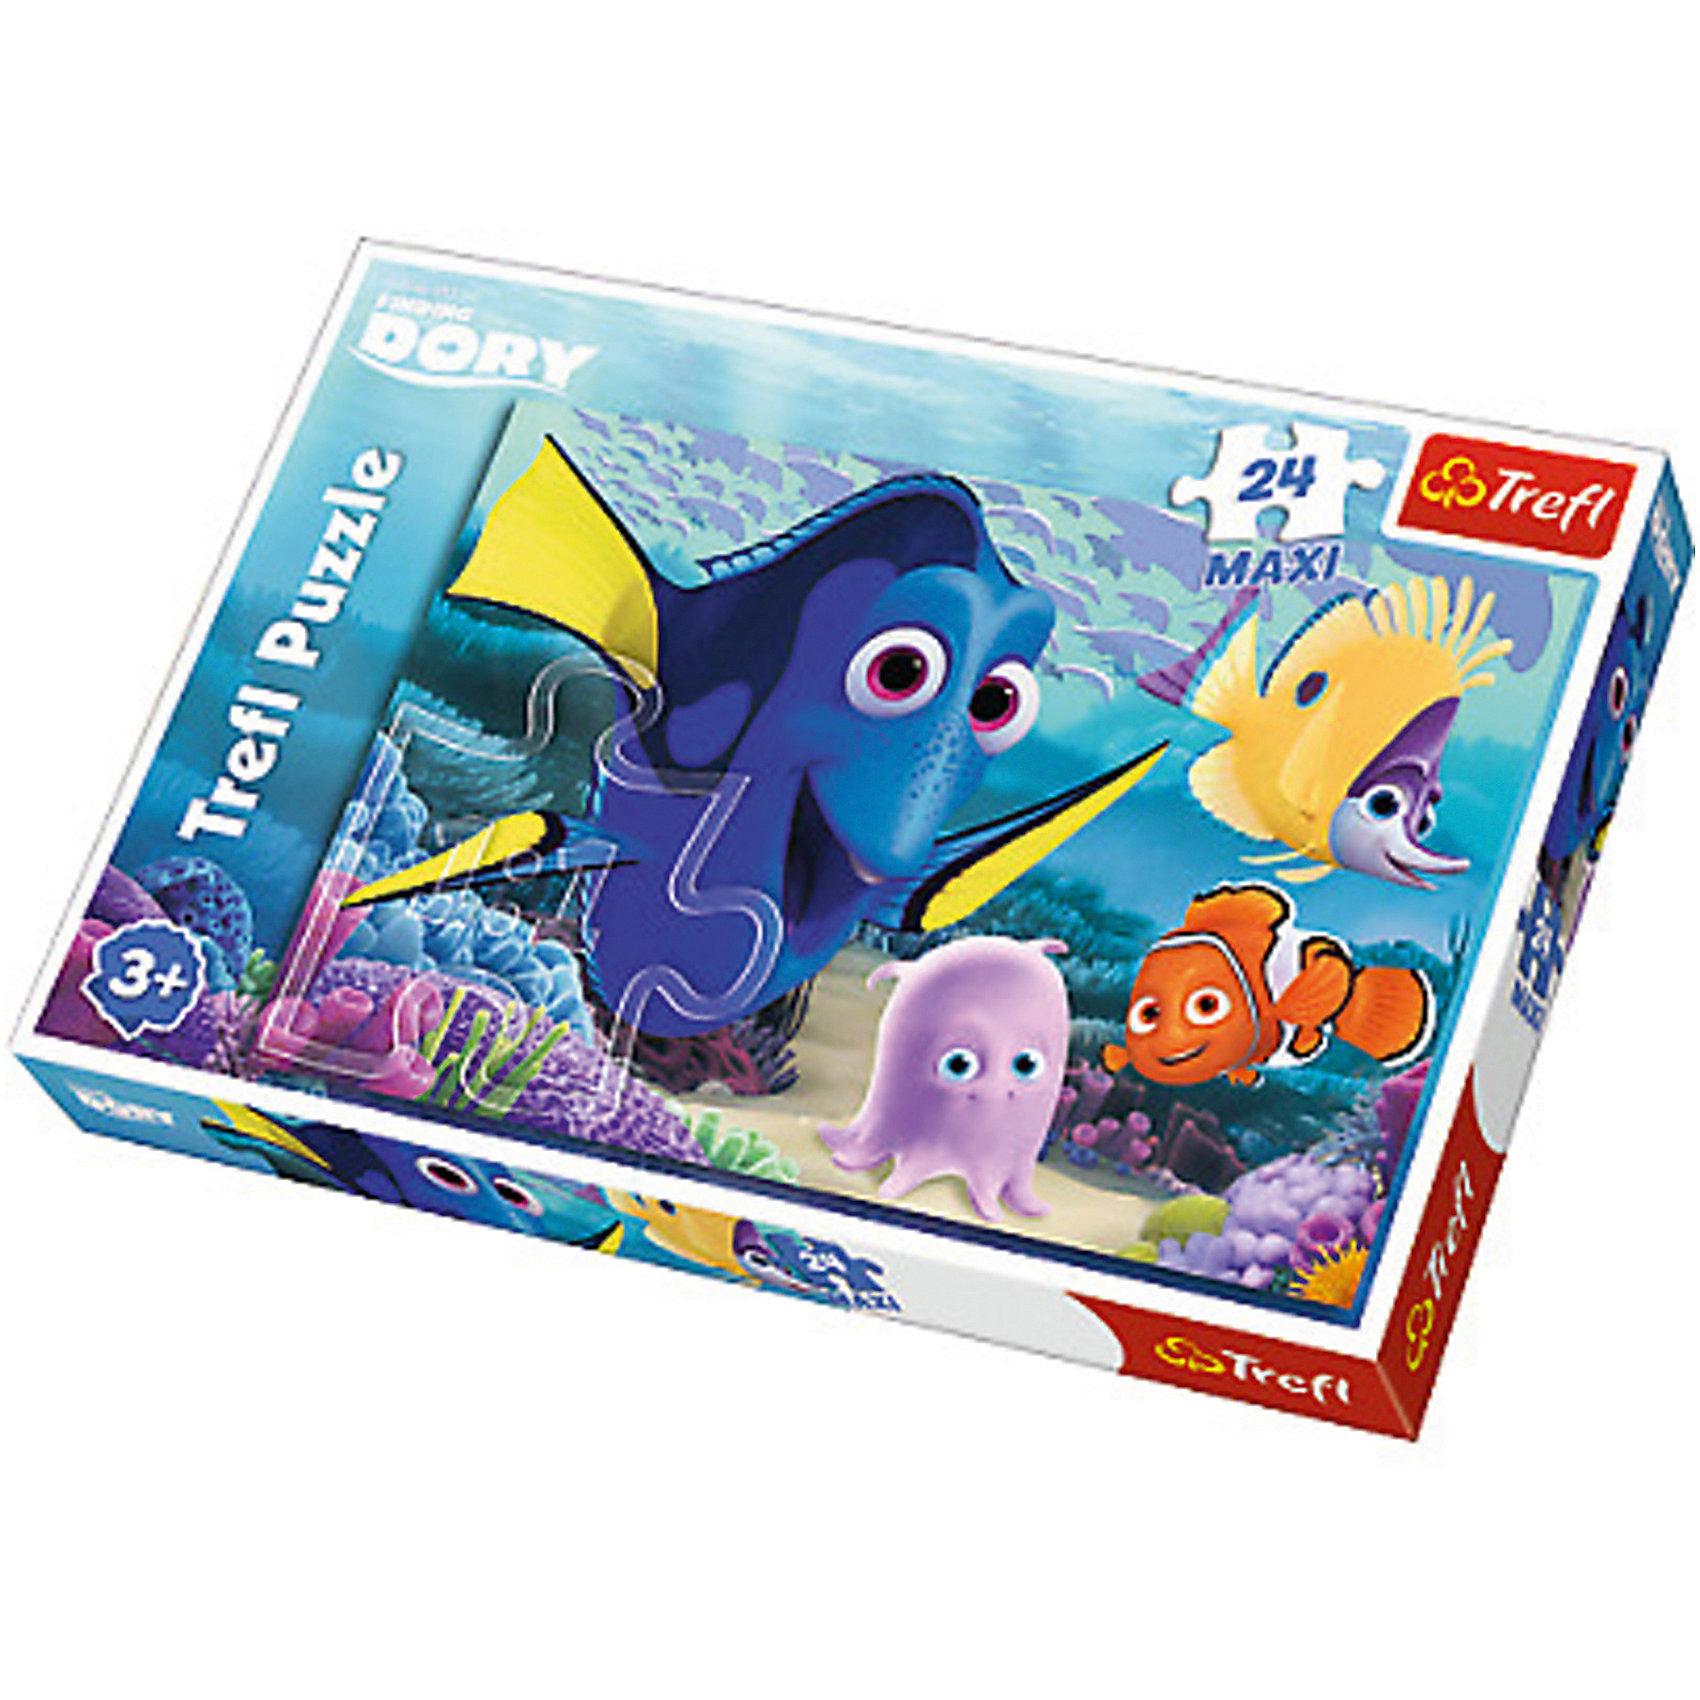 Пазл Дисней «В поисках Дори», 24 элементаВ поисках Дори<br>Пазл Дисней «В поисках Дори»  поможет вашему ребенку очутиться в мире подводных приключений вместе с любимыми персонажами мультфильма. На яркой красочной картинке, на фоне подводной растительности, изображены известные персонажи – Немо, Дори и многие другие. Дори – это жизнерадостная синяя рыбка с яркими желтыми плавниками. Немо – рыбка-клоун с оранжево-белой окраской. Собрав картинку, ребенок сможет украсить ей стену в своей комнате. <br>Пазлы выполнены из плотного картона высокого качества и легко складываются между собой. <br>Пазл включает в себя 24 элемента. Размер картинки в собранном виде: 60 х 40 см. <br>Рекомендуемый возраст – от 3 лет.<br><br>Ширина мм: 398<br>Глубина мм: 45<br>Высота мм: 266<br>Вес г: 700<br>Возраст от месяцев: 36<br>Возраст до месяцев: 120<br>Пол: Унисекс<br>Возраст: Детский<br>SKU: 7126332